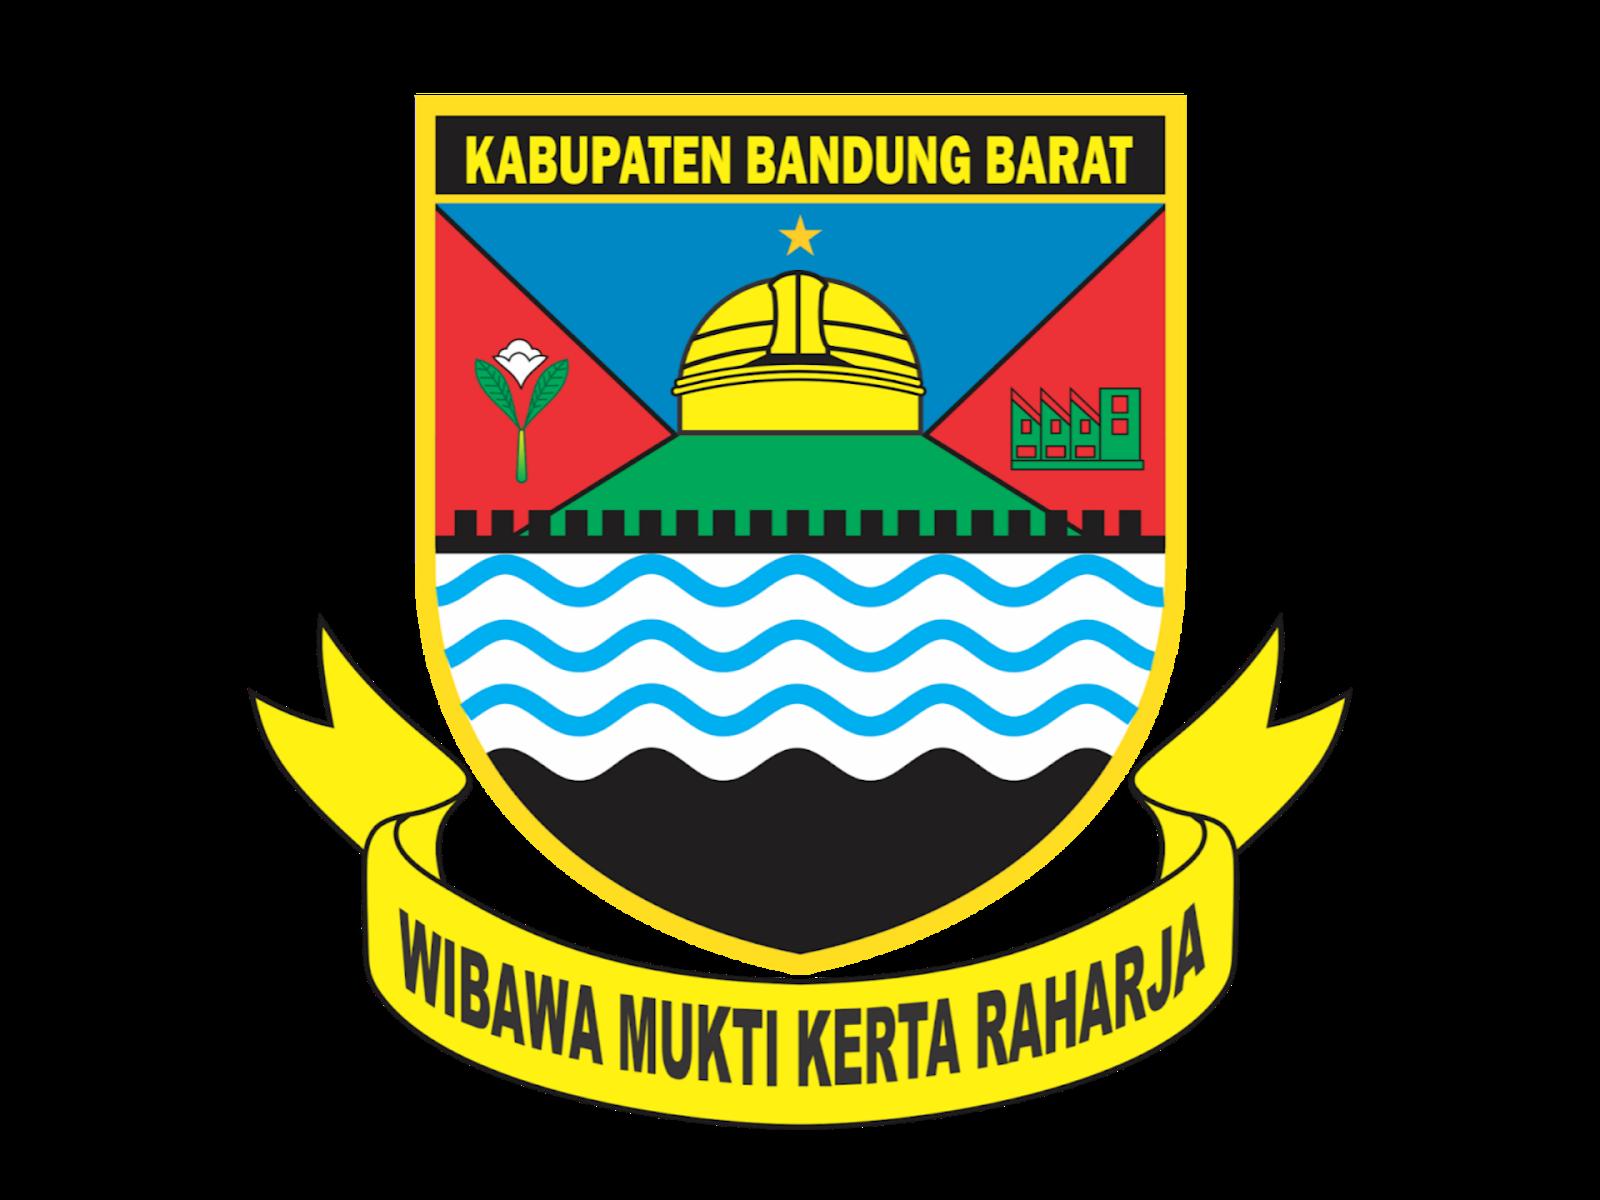 Logo Kabupaten Bandung Barat Format PNG